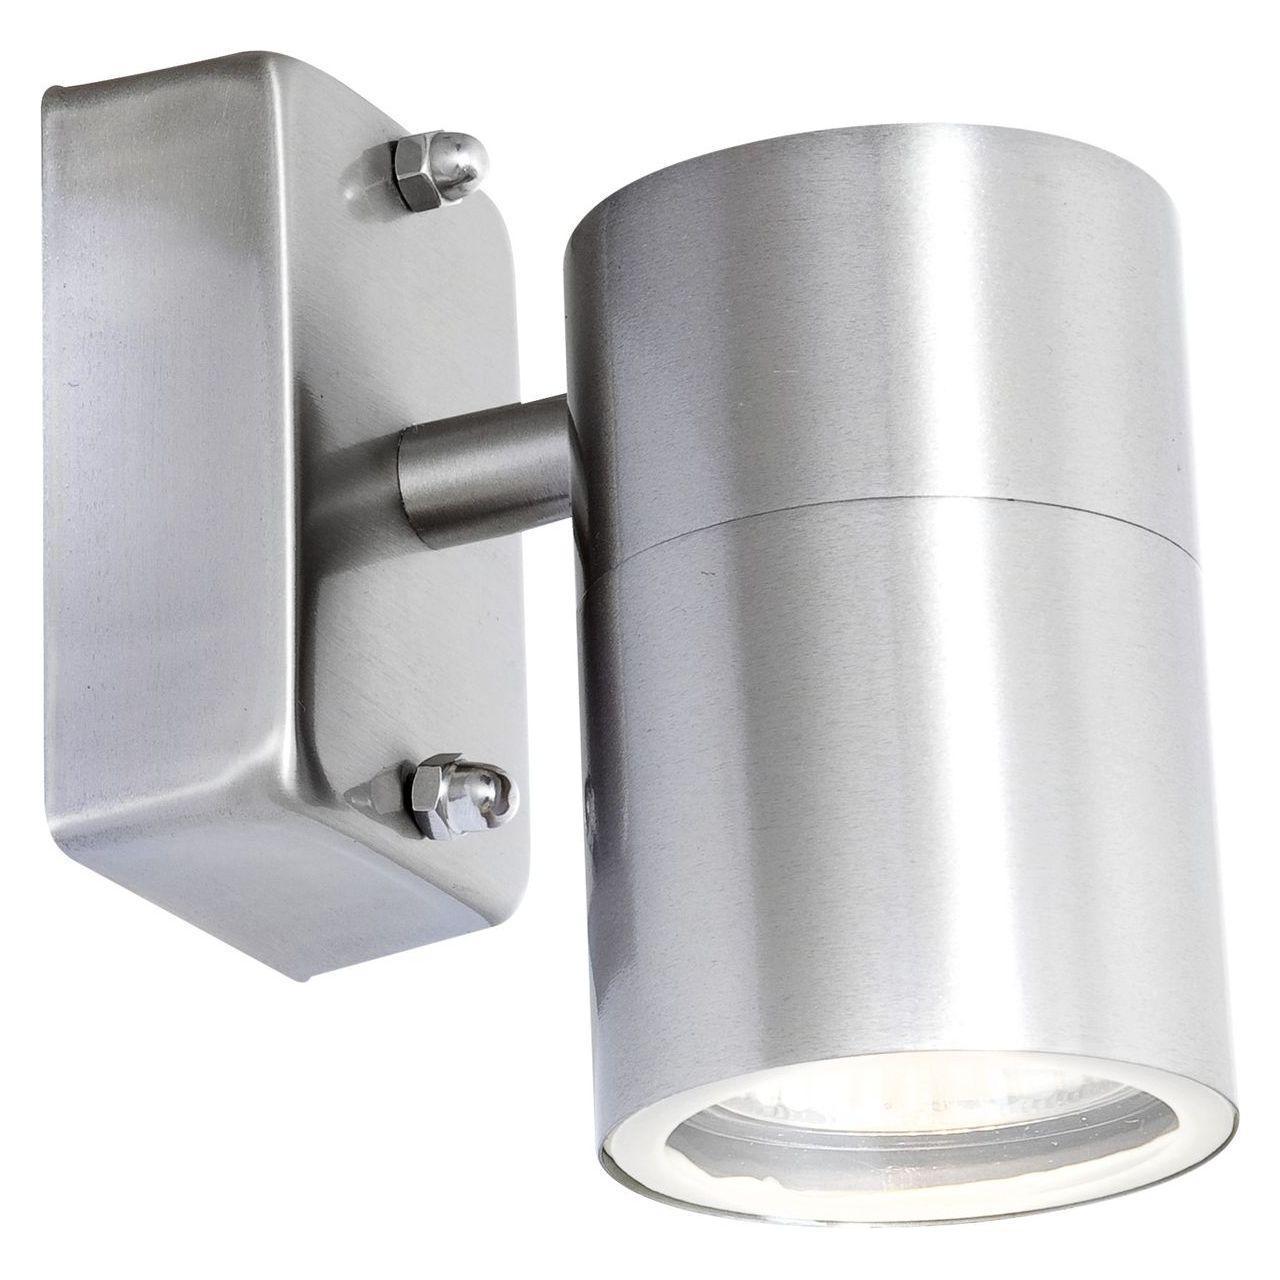 Уличный настенный светодиодный светильник Globo Style 3201L уличный настенный светодиодный светильник globo style 3207 2l